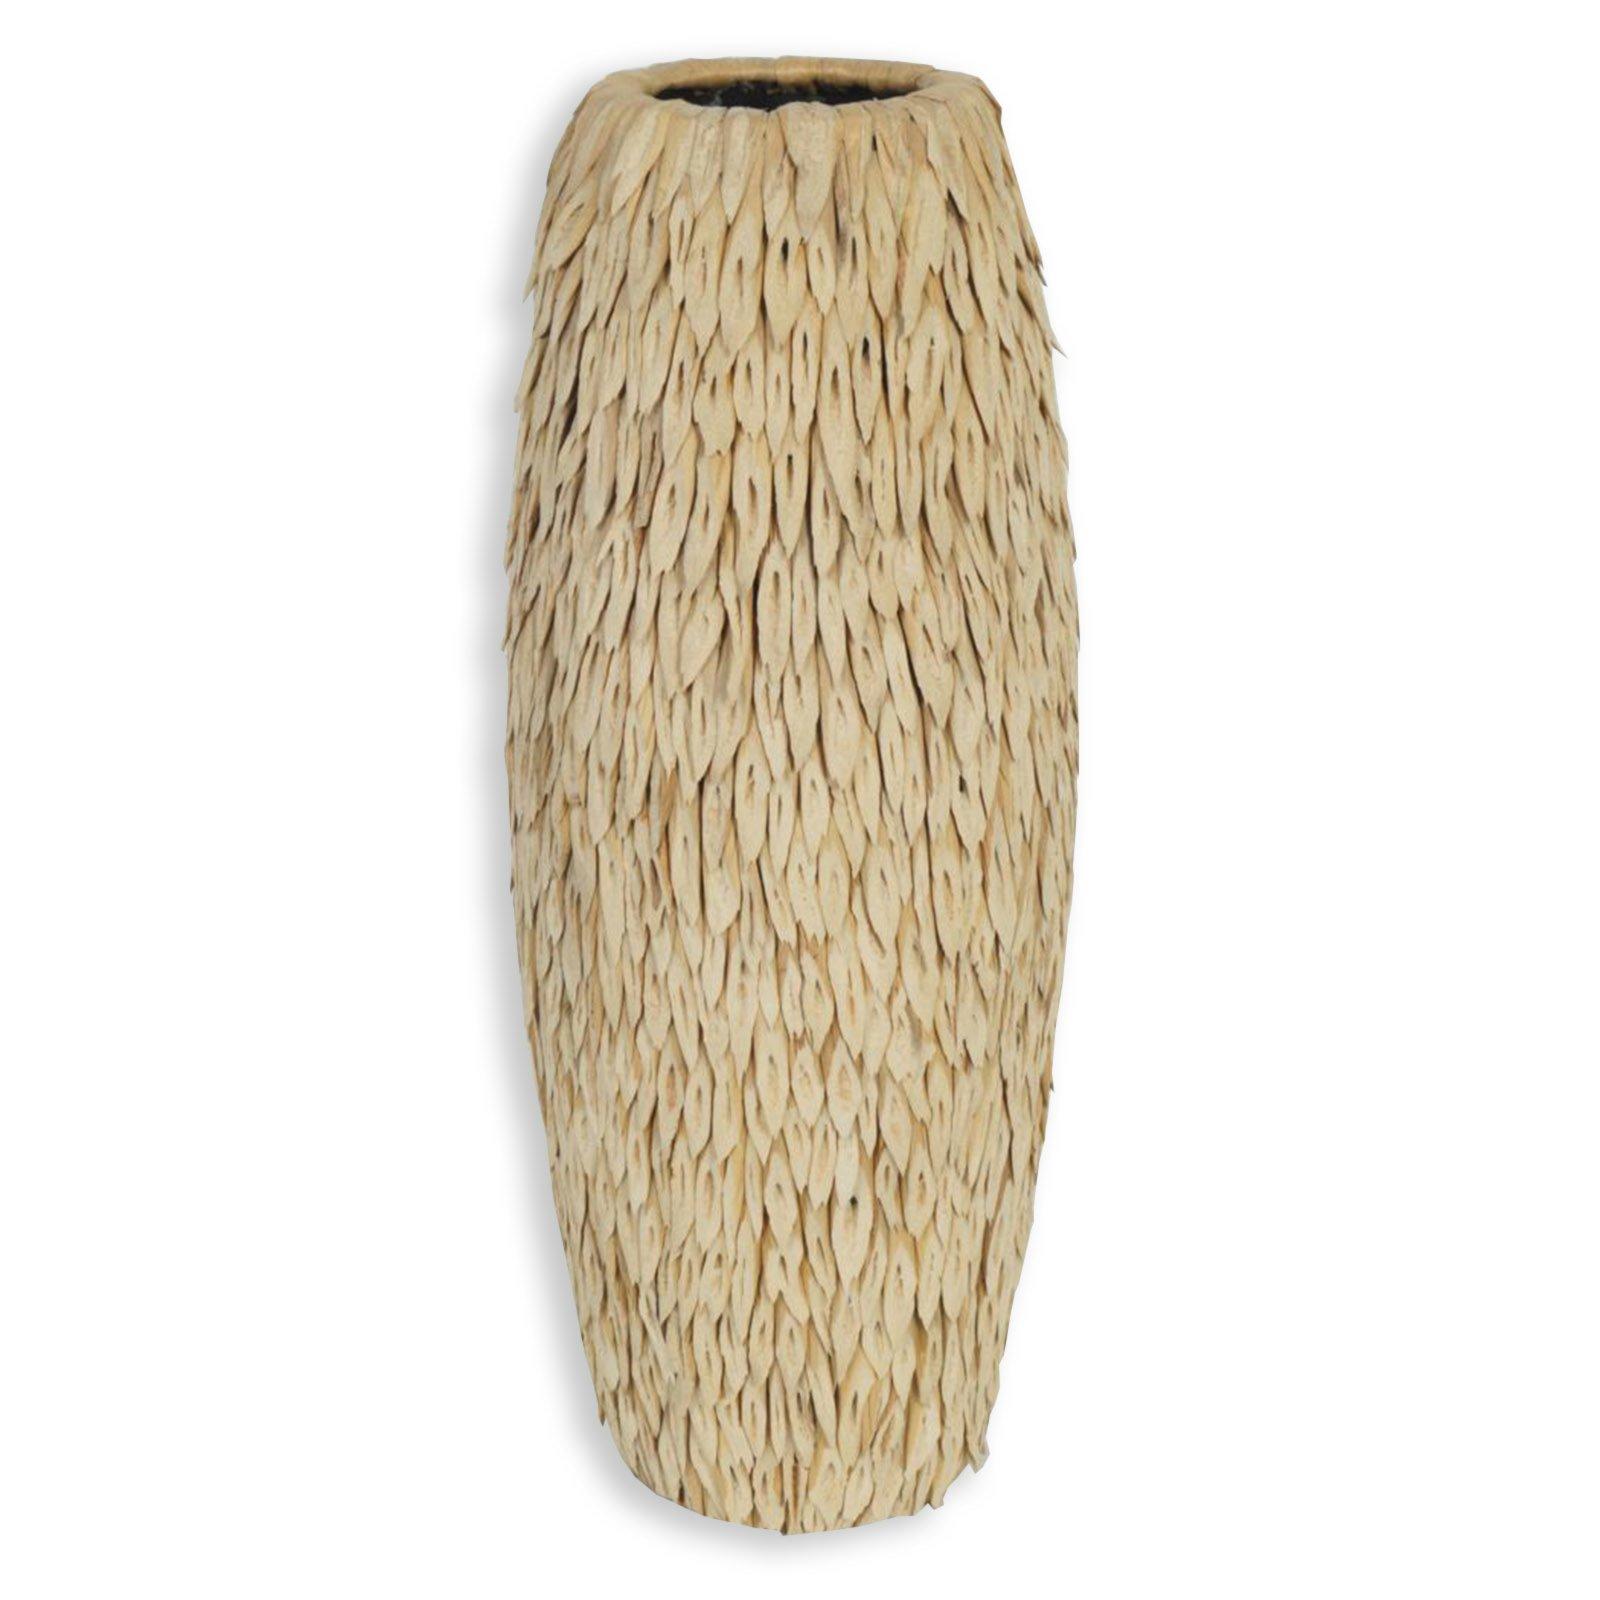 wohnzimmer deko natur:Vase – natur – 59 cm